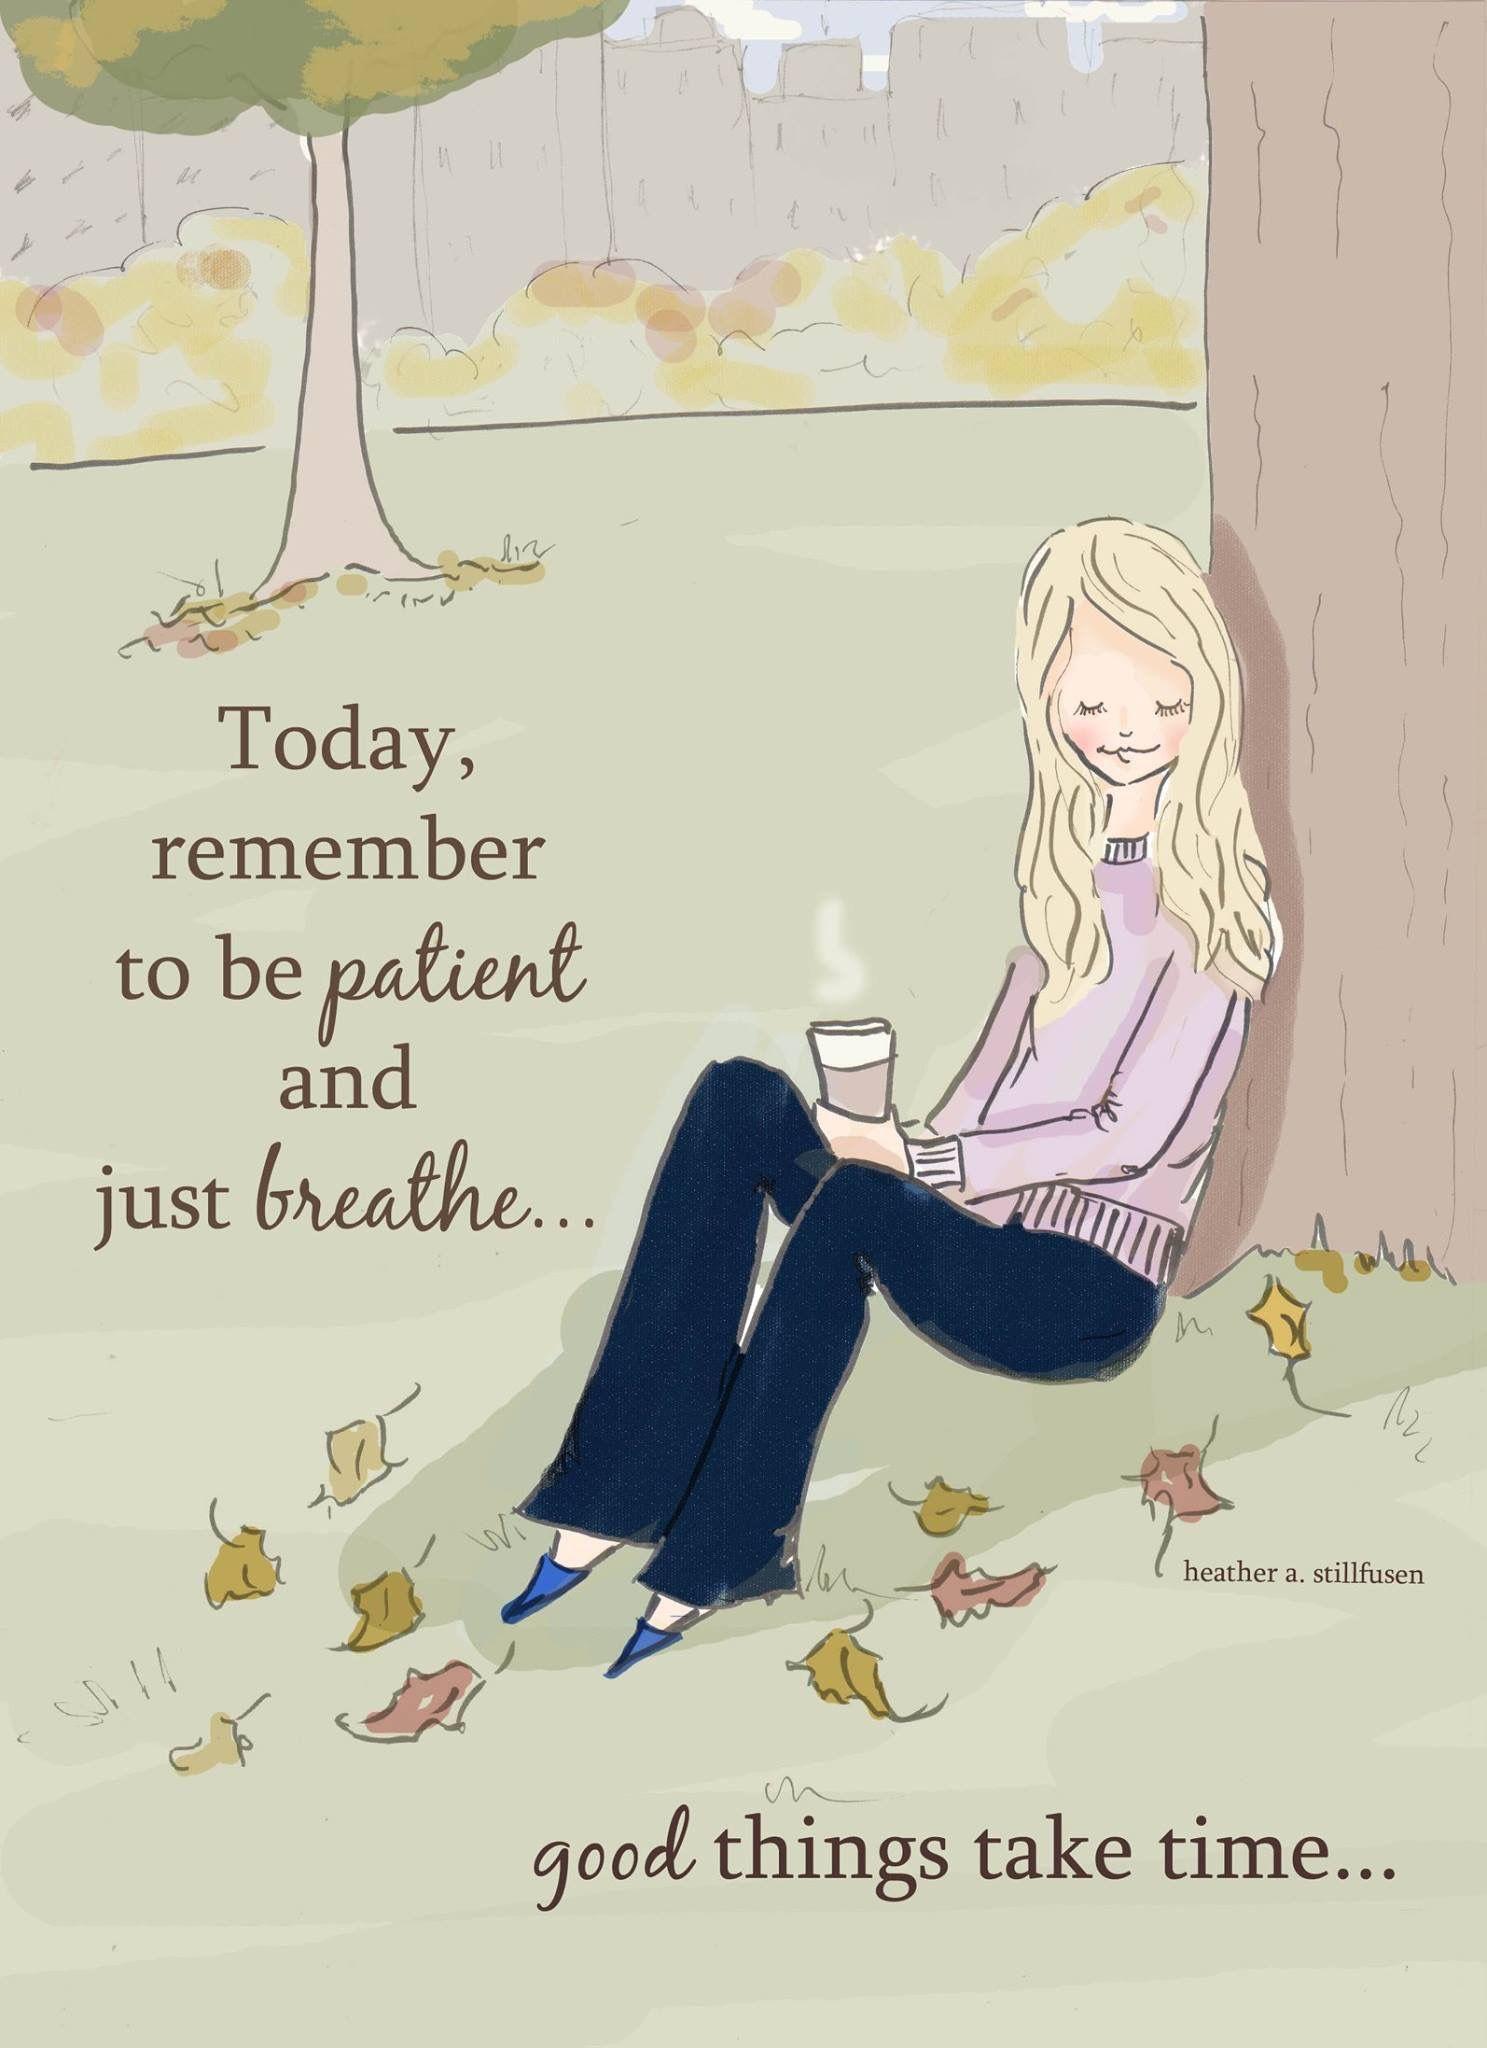 Remember good things take time